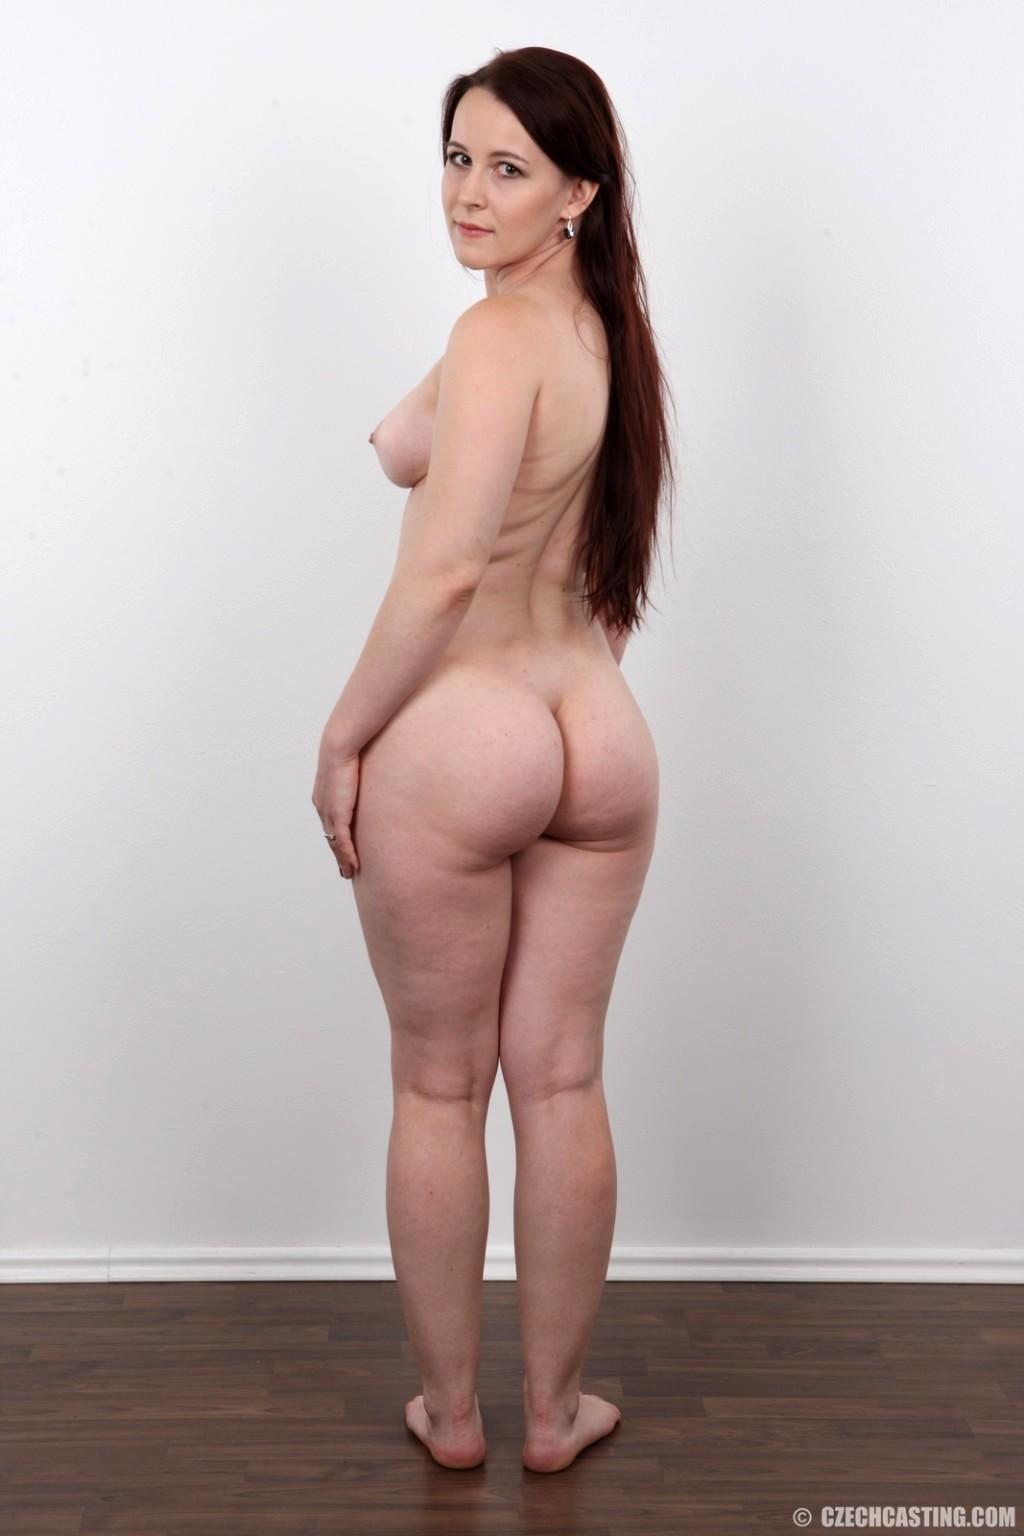 standing-butt-nude